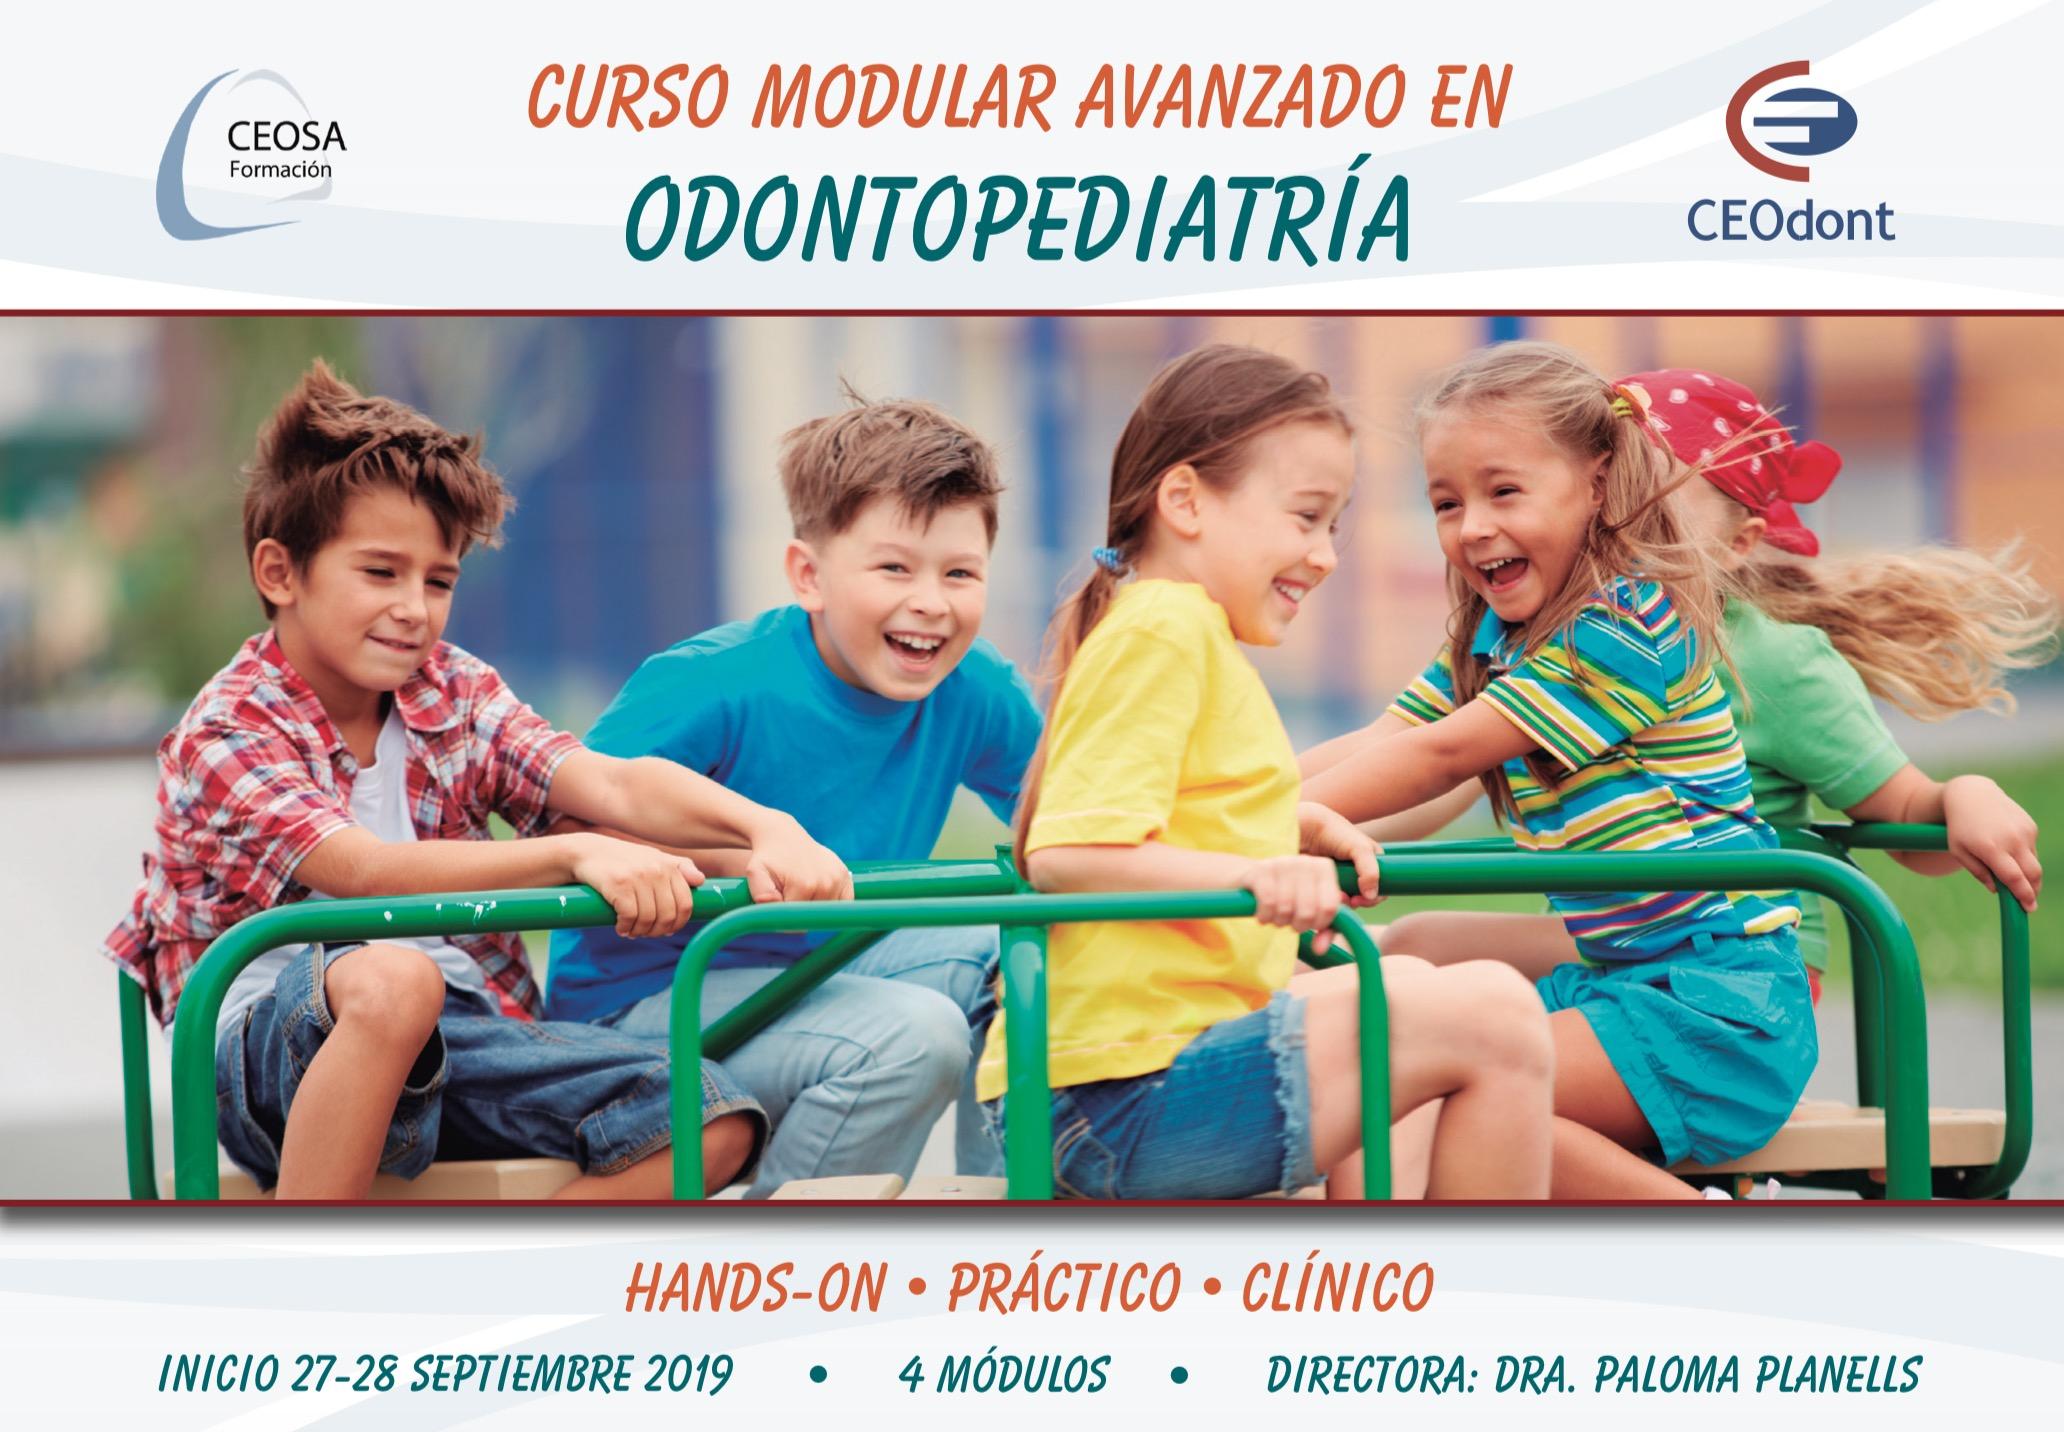 CURSO MODULAR ODONTOPEDIATRIA - CEOdont